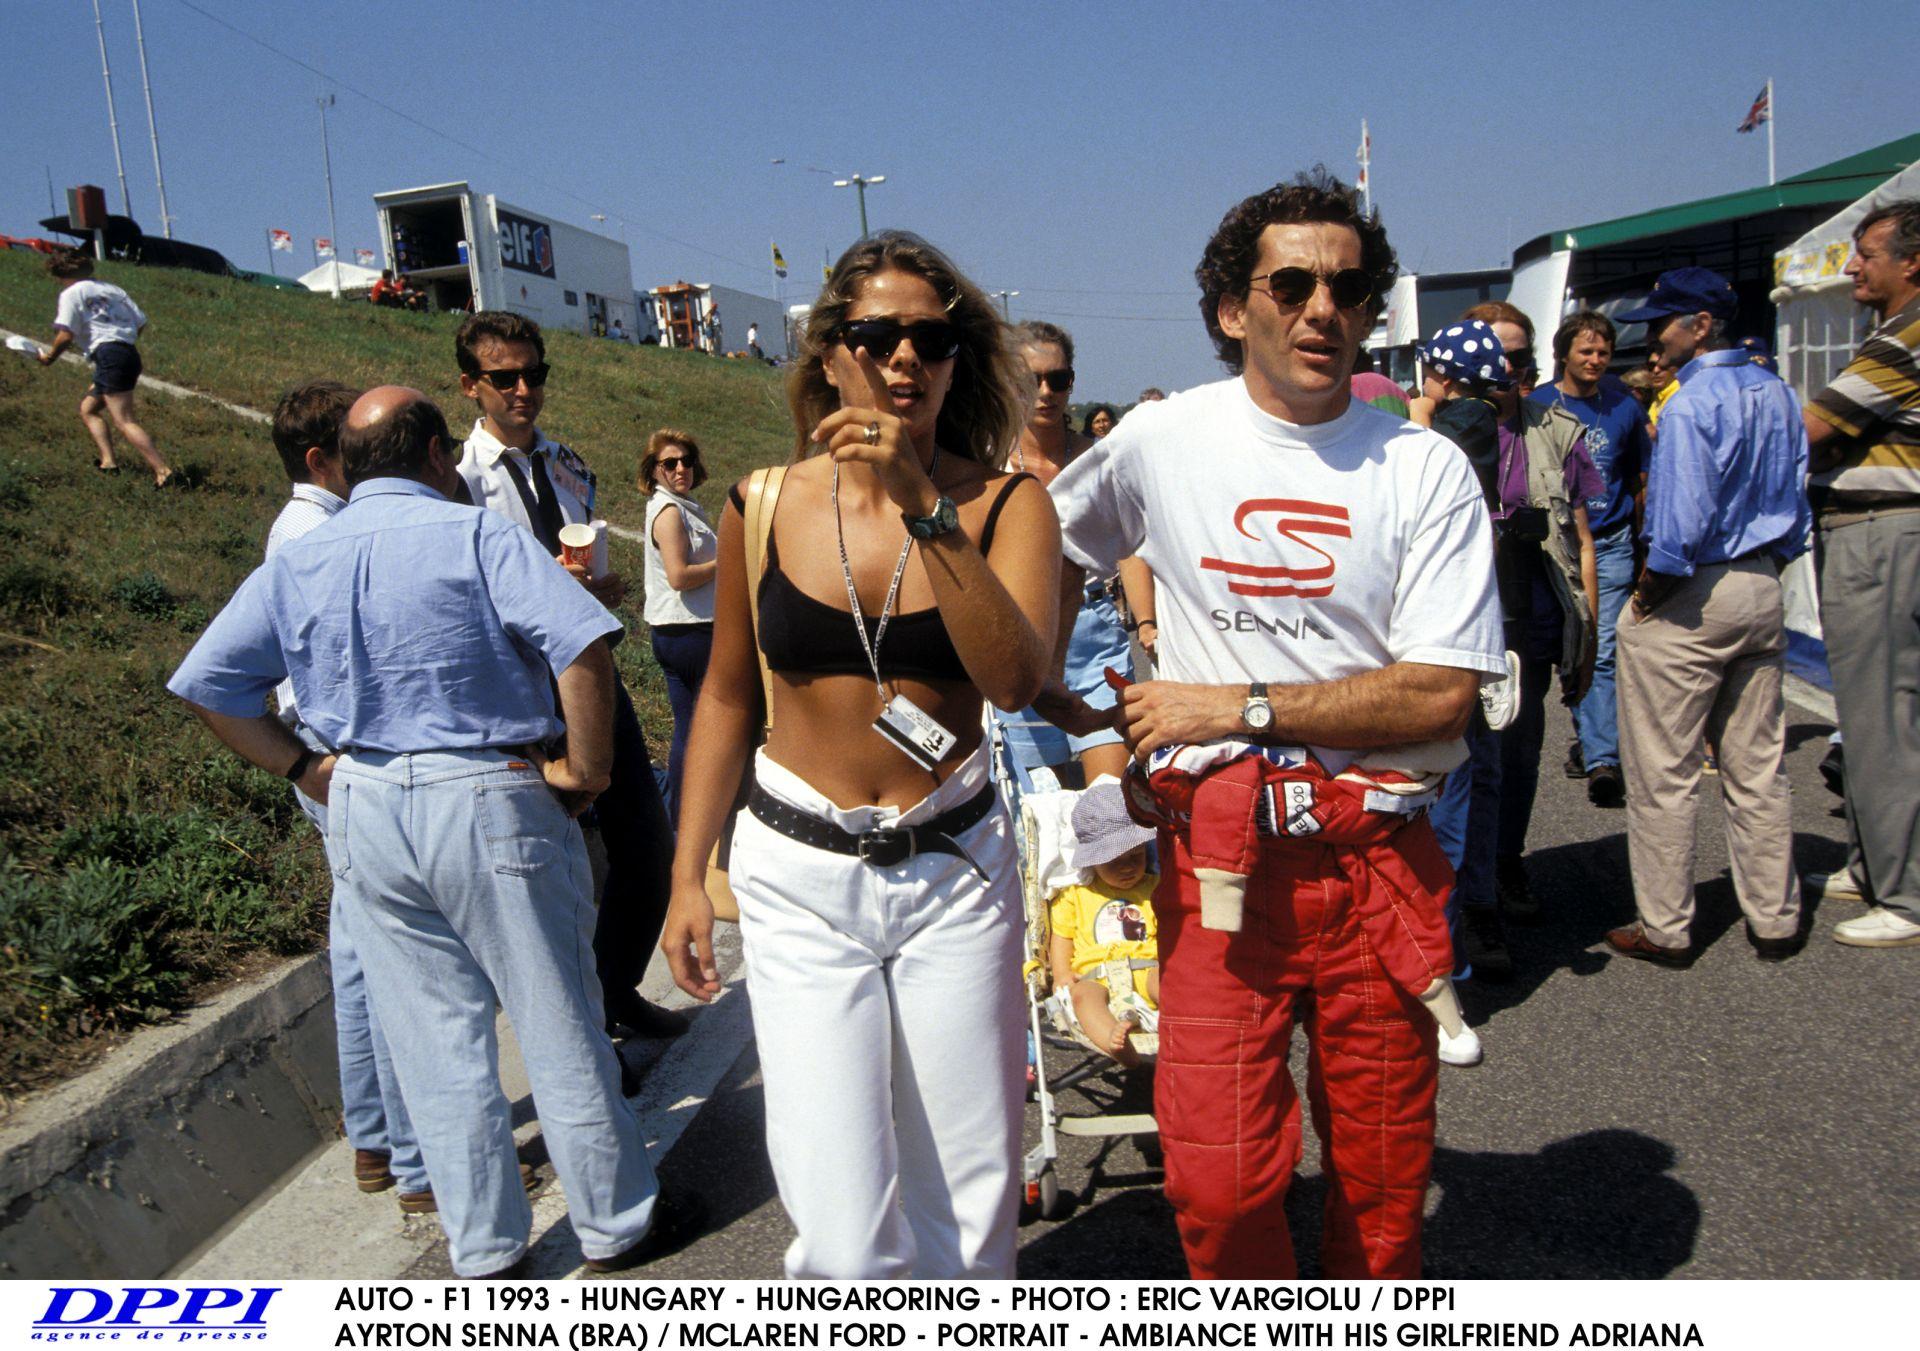 Egy felejthetetlen pillanat az első Magyar Nagydíjon: Senna interjút ad a magyar tévének a rajtrácson